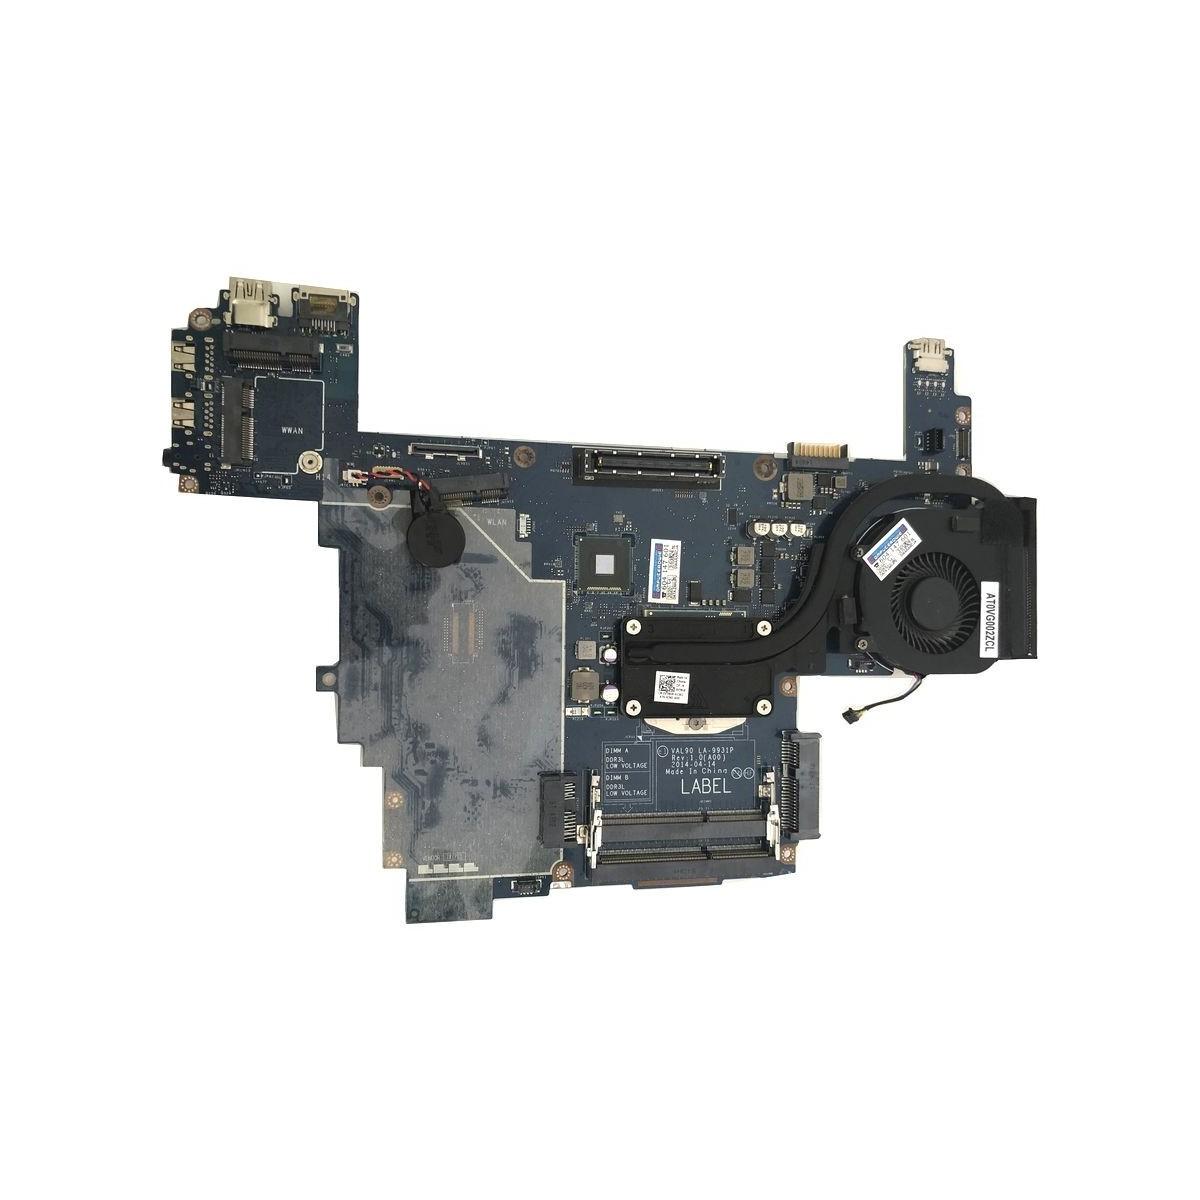 RADIATOR FUJITSU A3C40104545 TX300 TX200 S5 S6